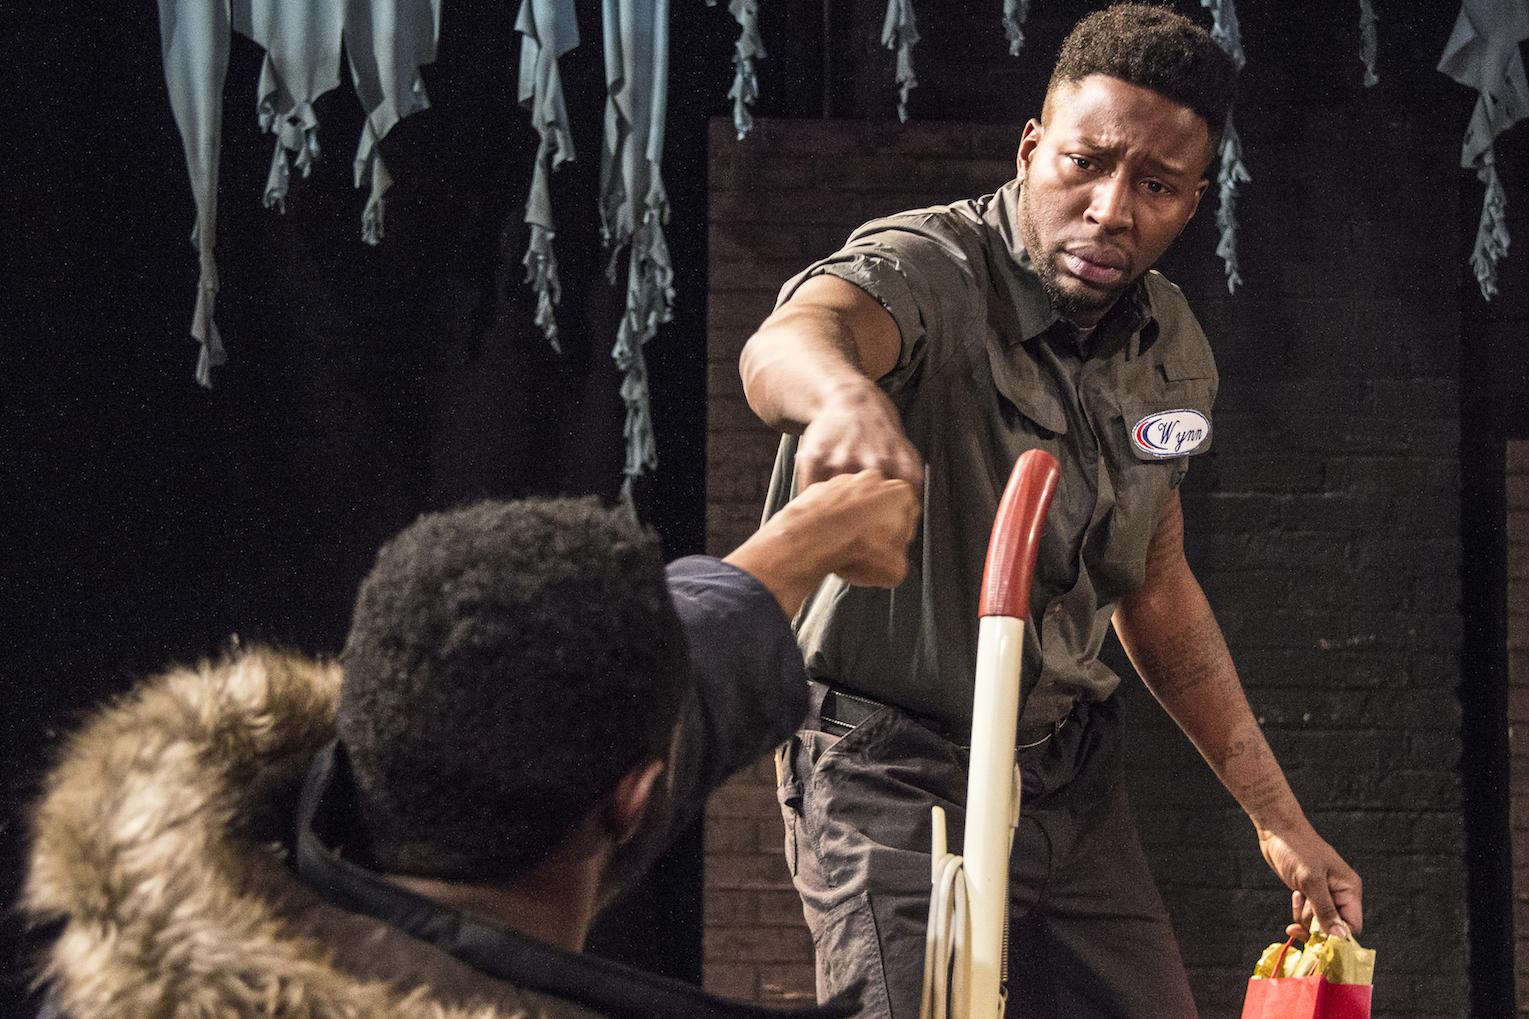 Know Theatre presents BLACKTOP SKY - Kameron Richardson as Klass - Landon Horton as Wynn - Photo by Daniel R. Winters Photography